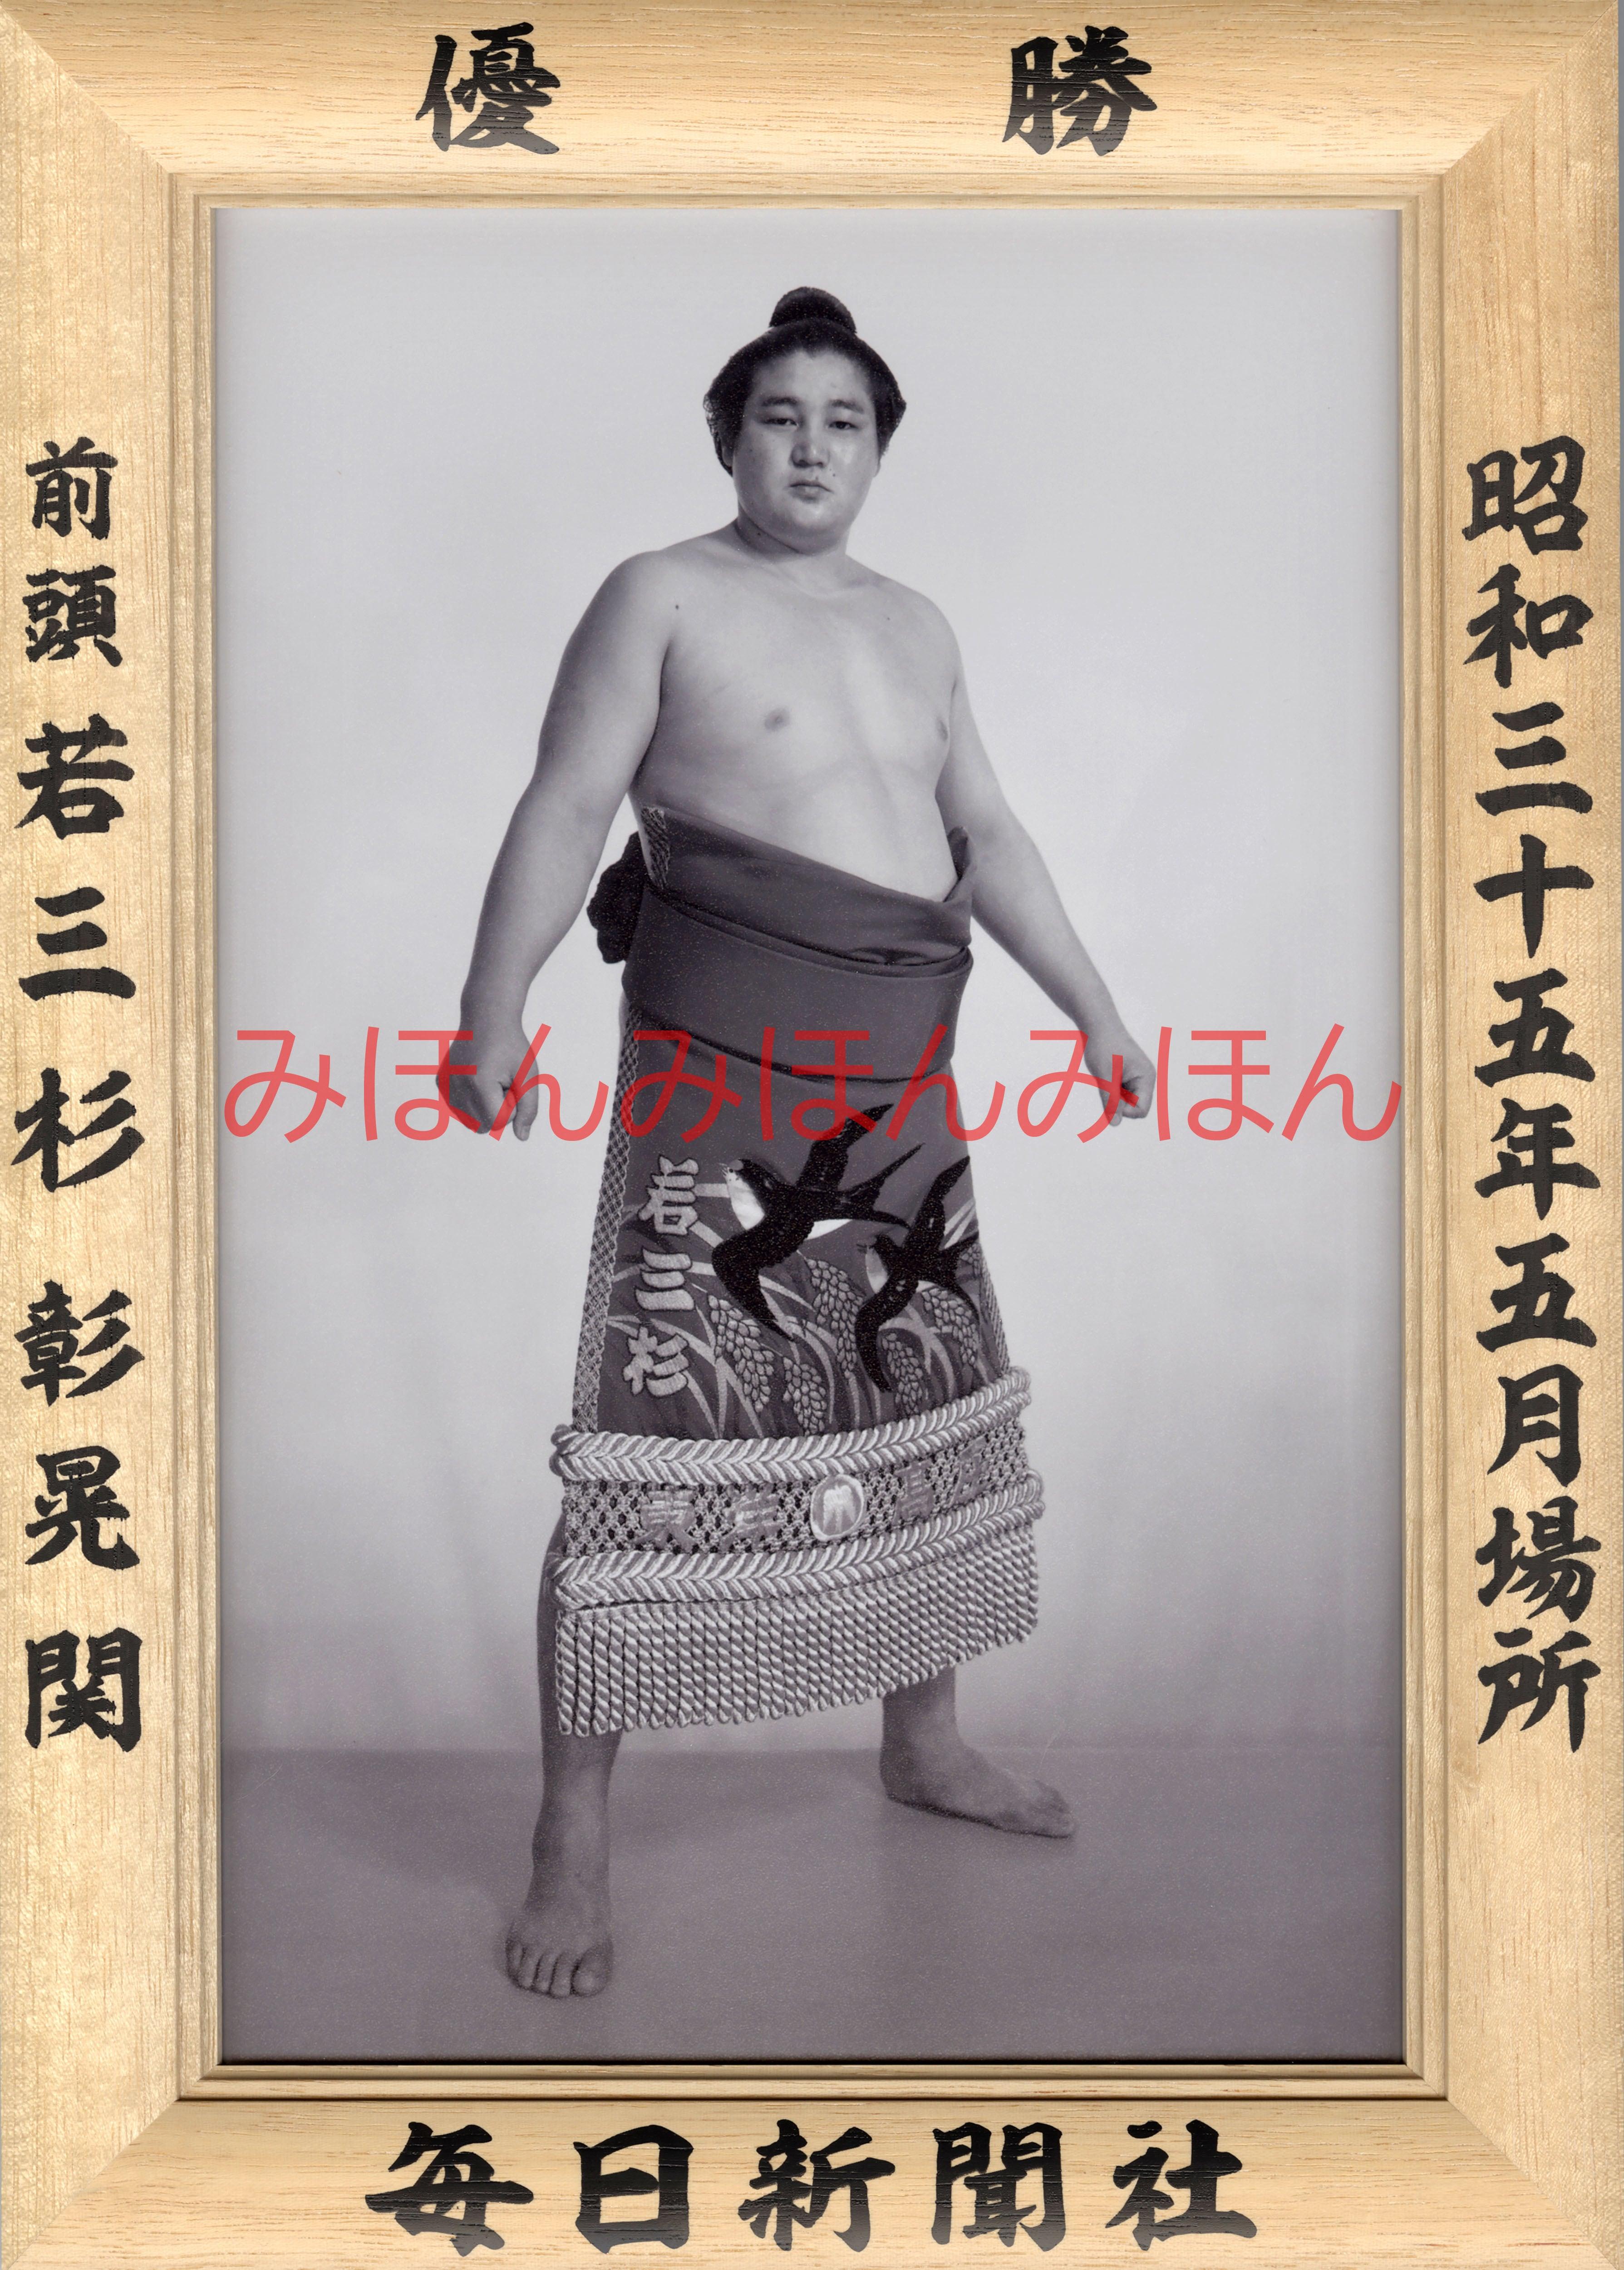 昭和35年5月場所優勝 前頭 若三杉彰晃関